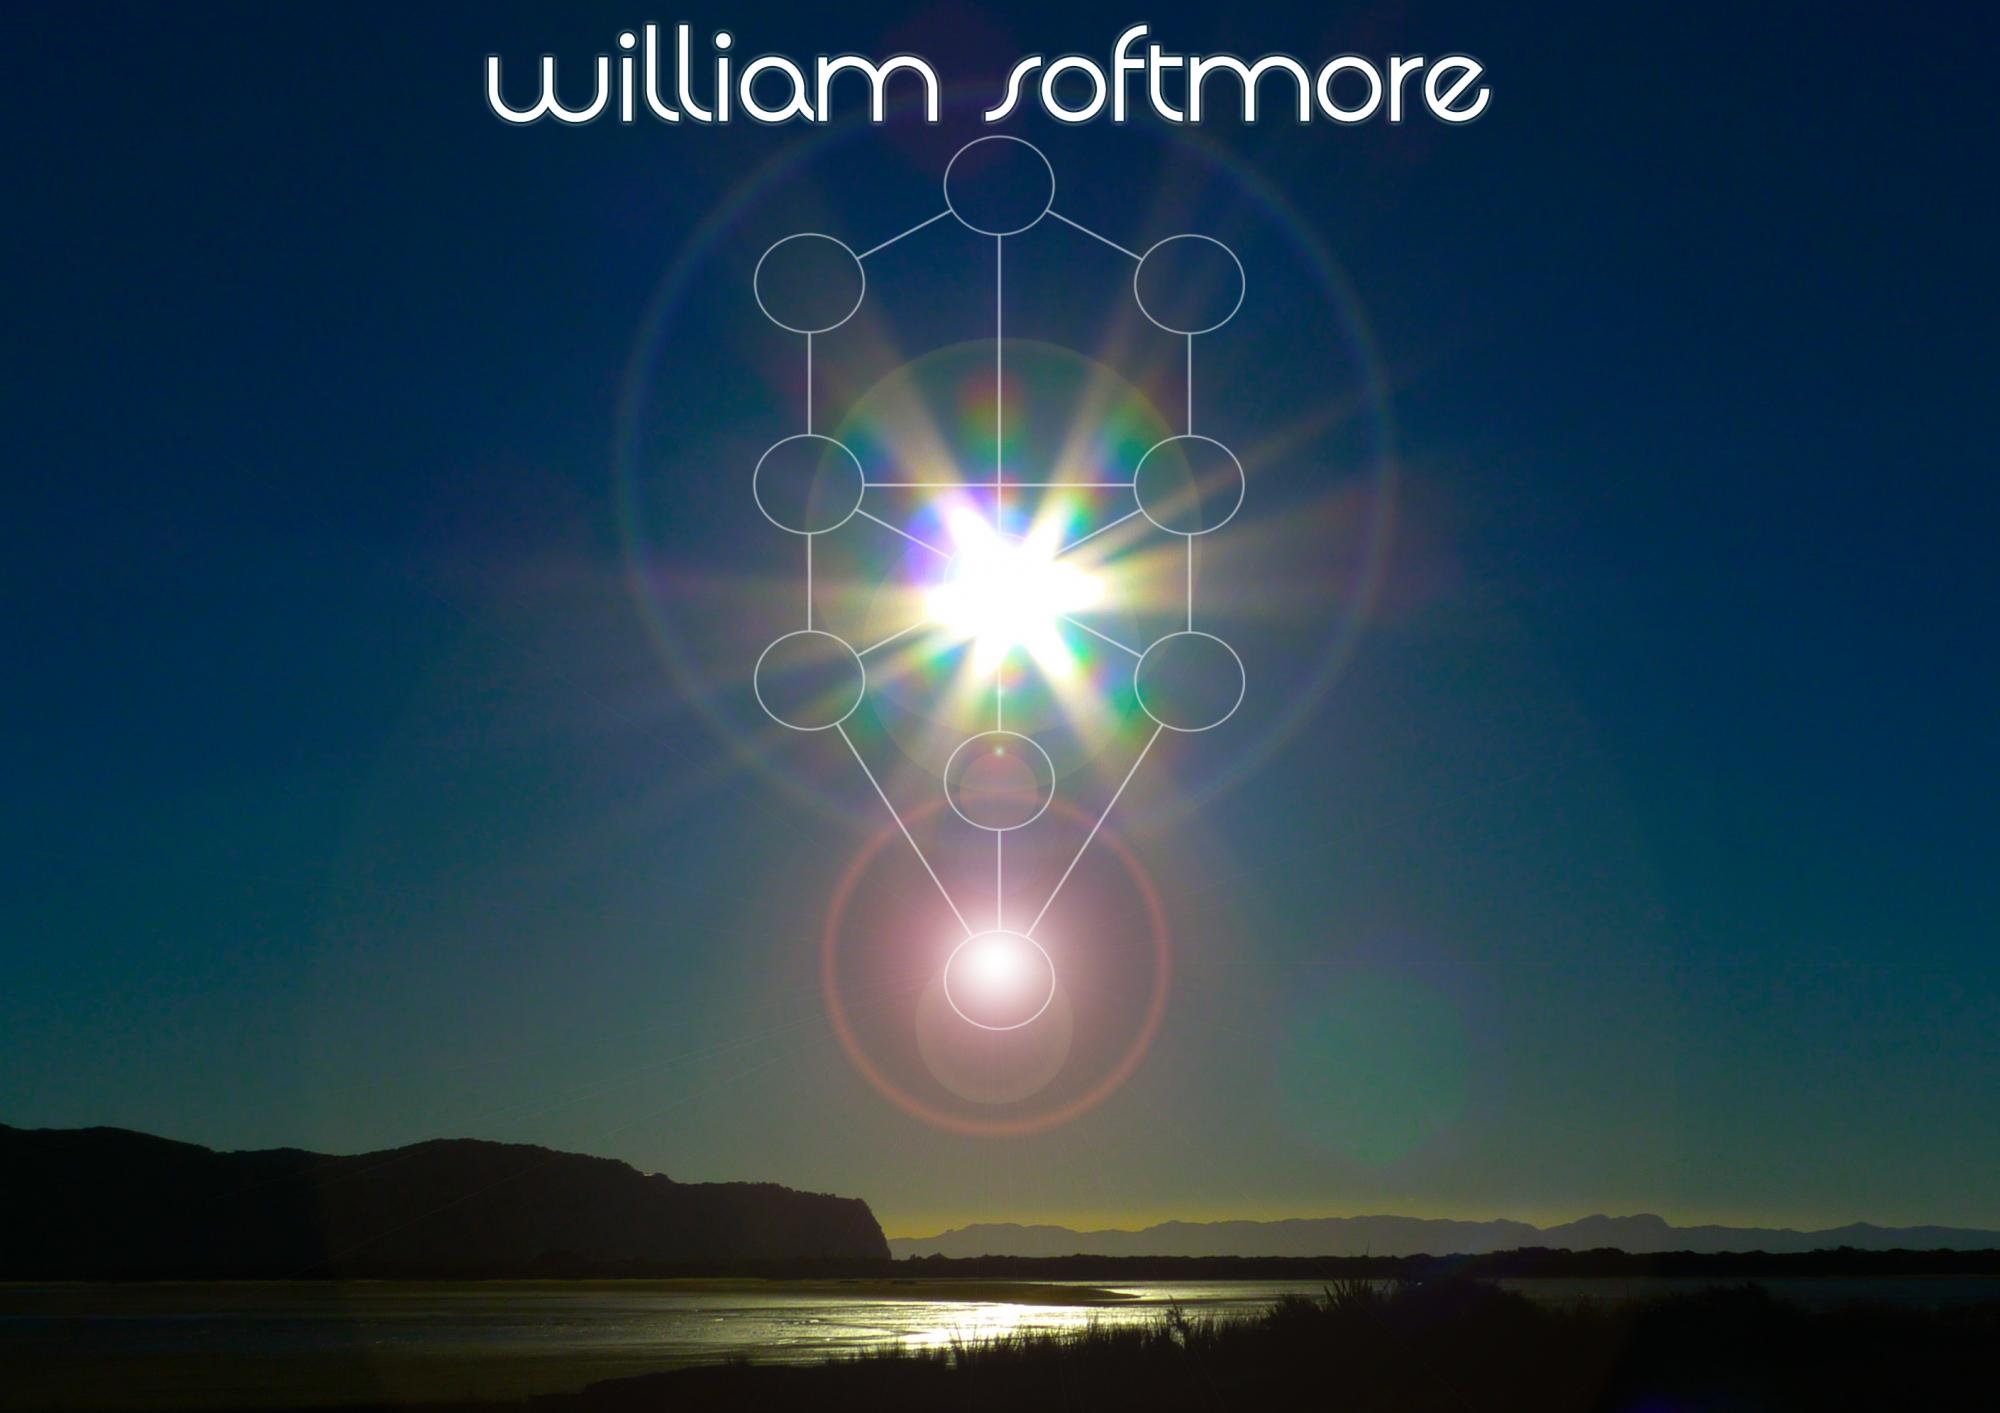 William Softmore